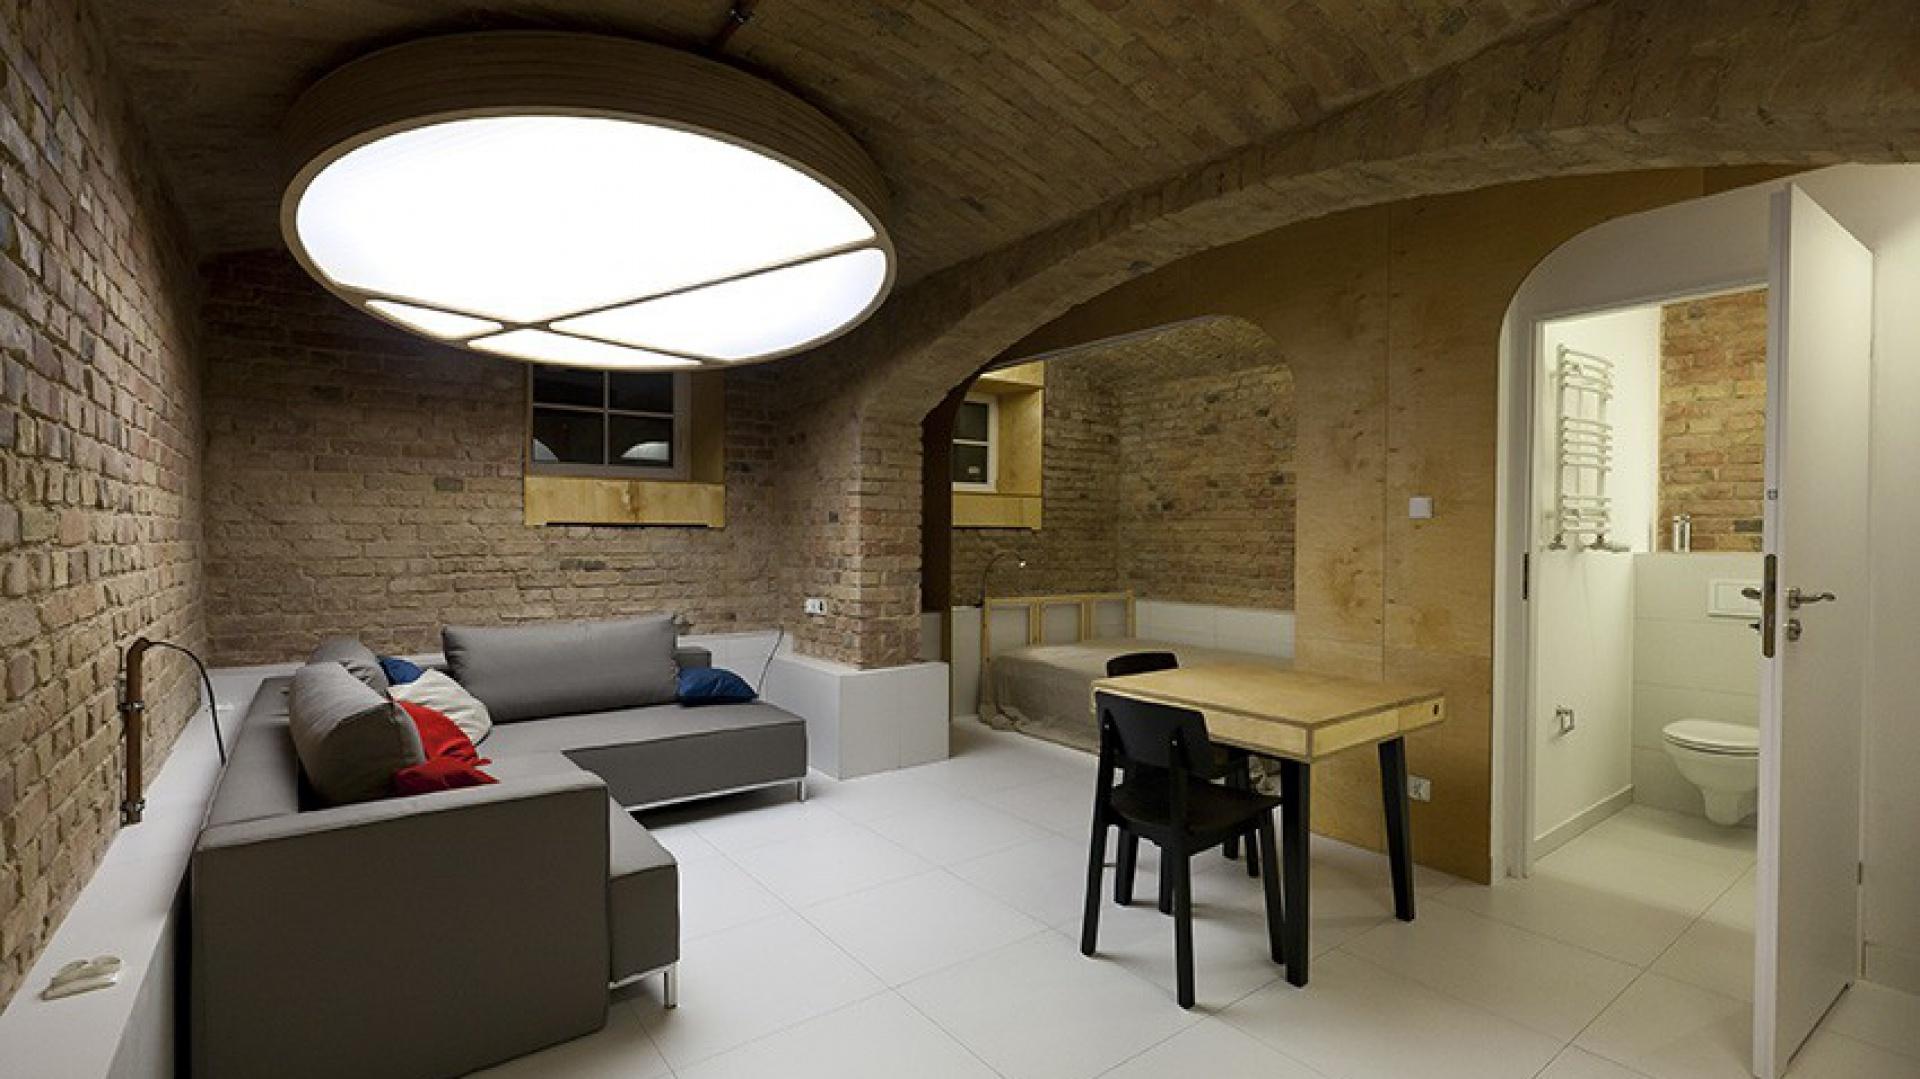 W kategorii Wnętrza prywatne jury Plebiscytu Polska Architektura XXL wybrało mieszkanie w piwnicy autorstwa Mili Młodzi Ludzie. Fot.  Plebiscyt Polska Architektura XXL